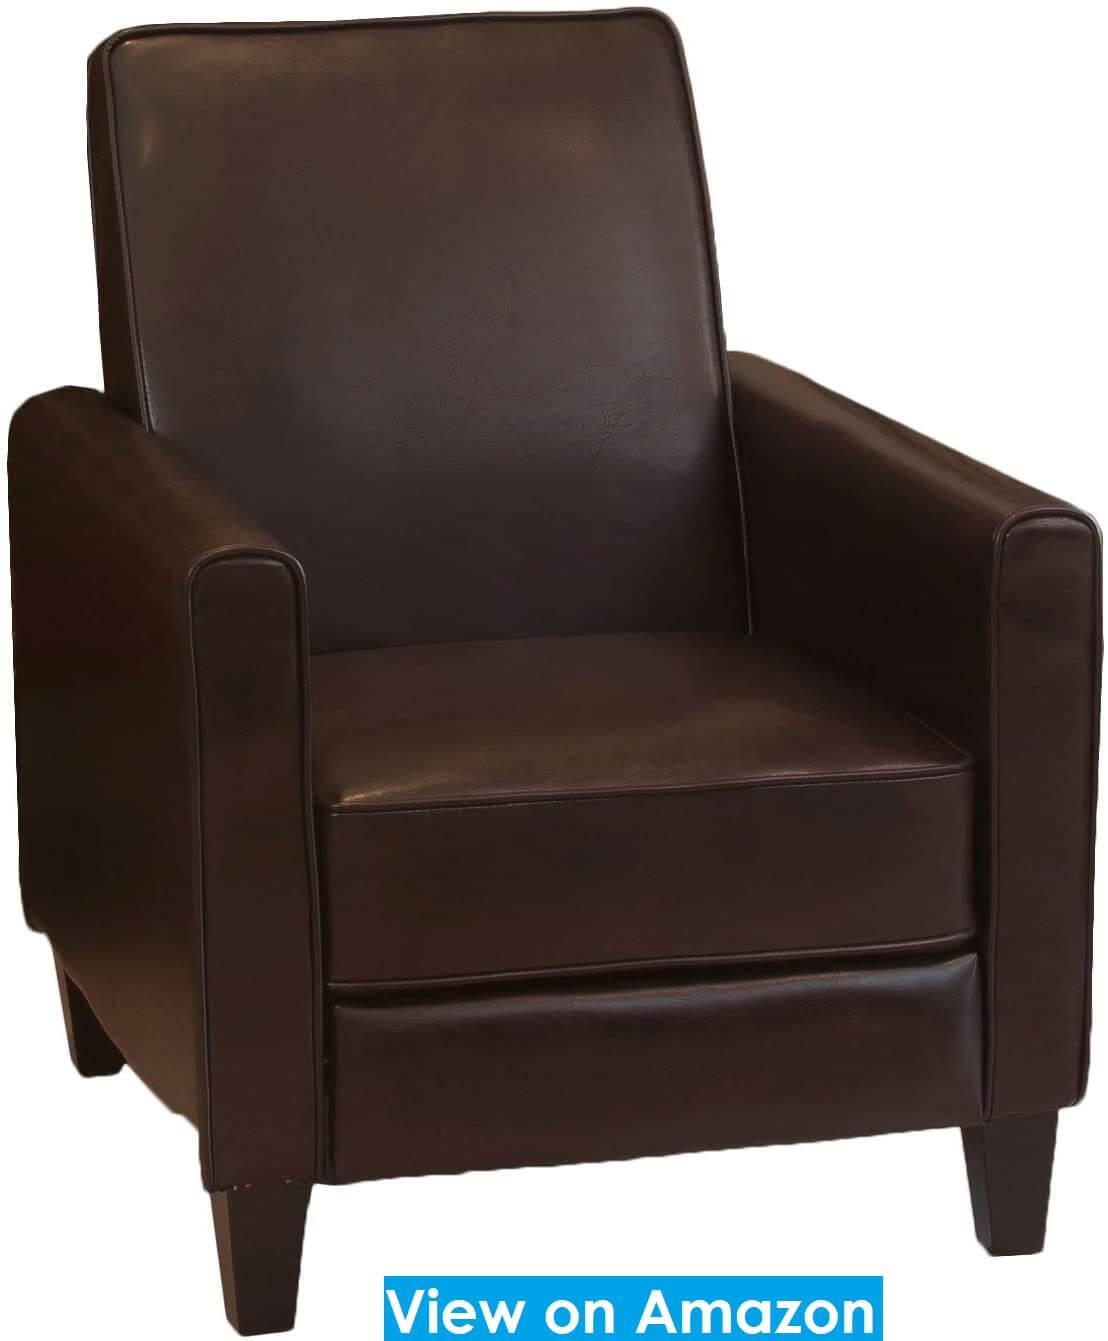 Lucas Recliner Club Chair